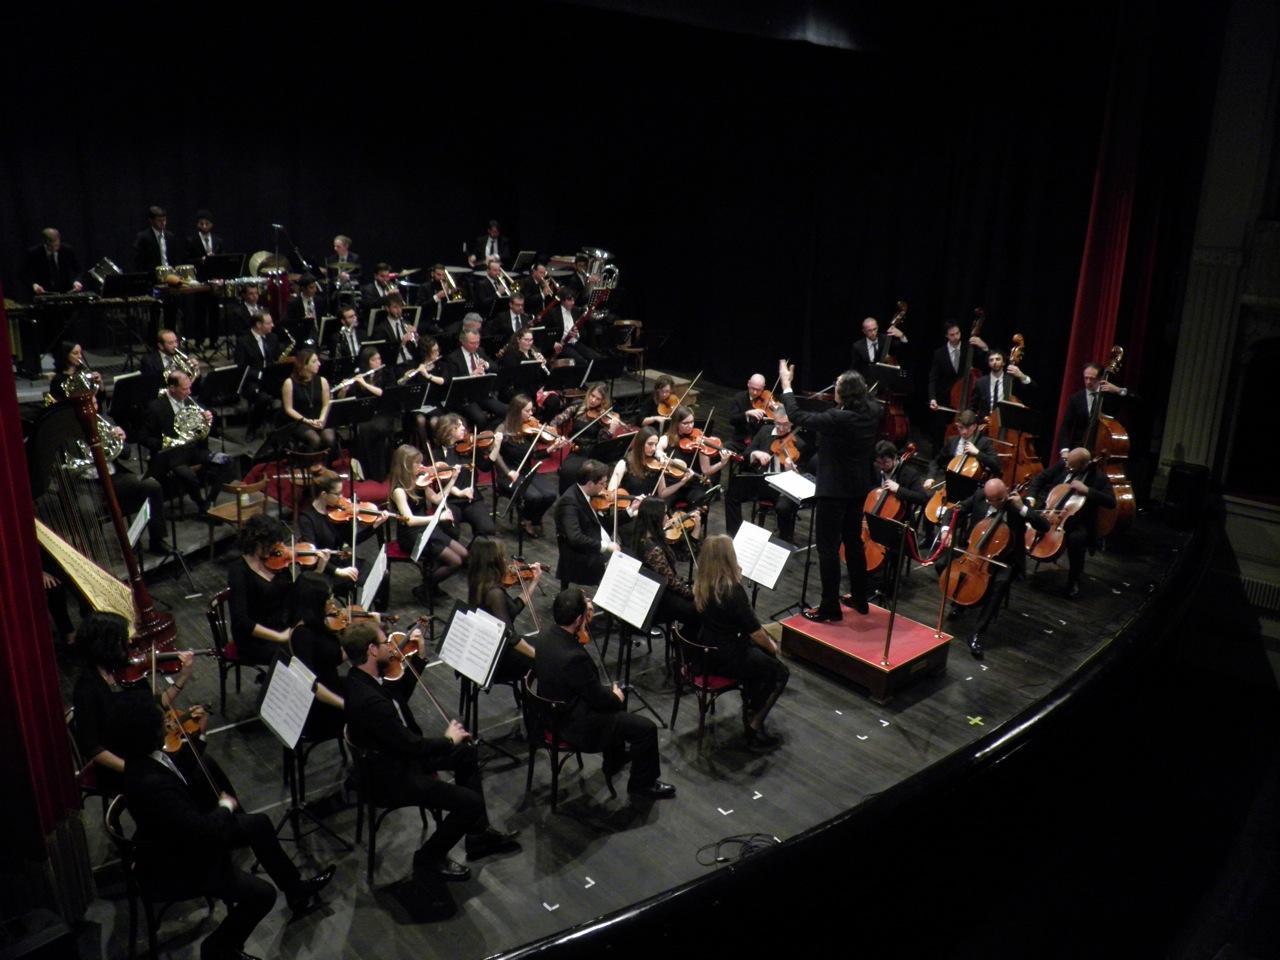 21 ottobre: La Grande Musica Sinfonica con Orchestra Sinfonica di Pescara